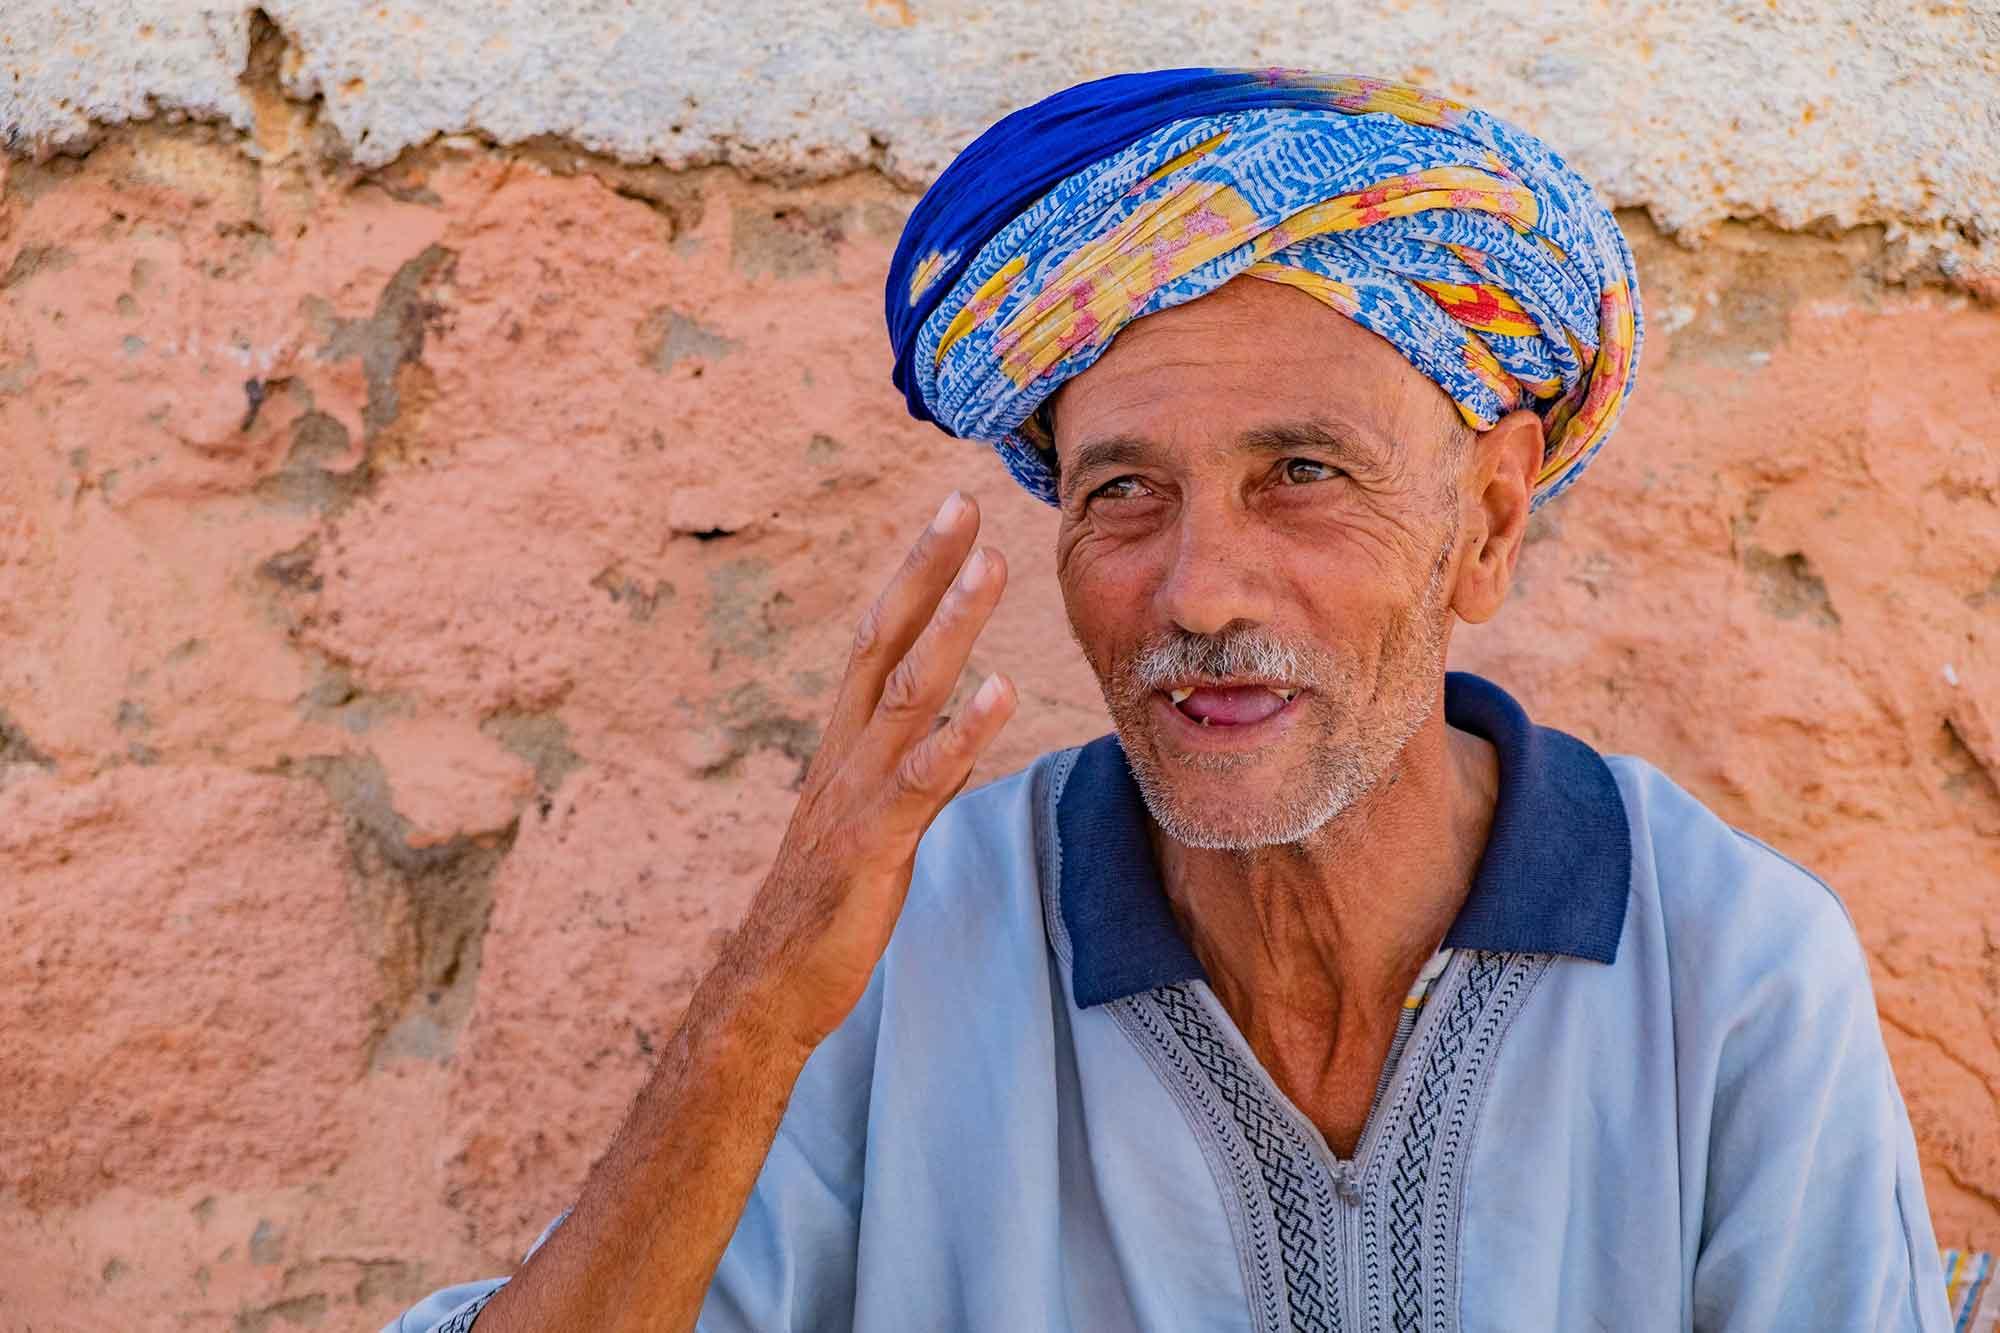 marocco-incontro-con-mercante-berbero-sorriso